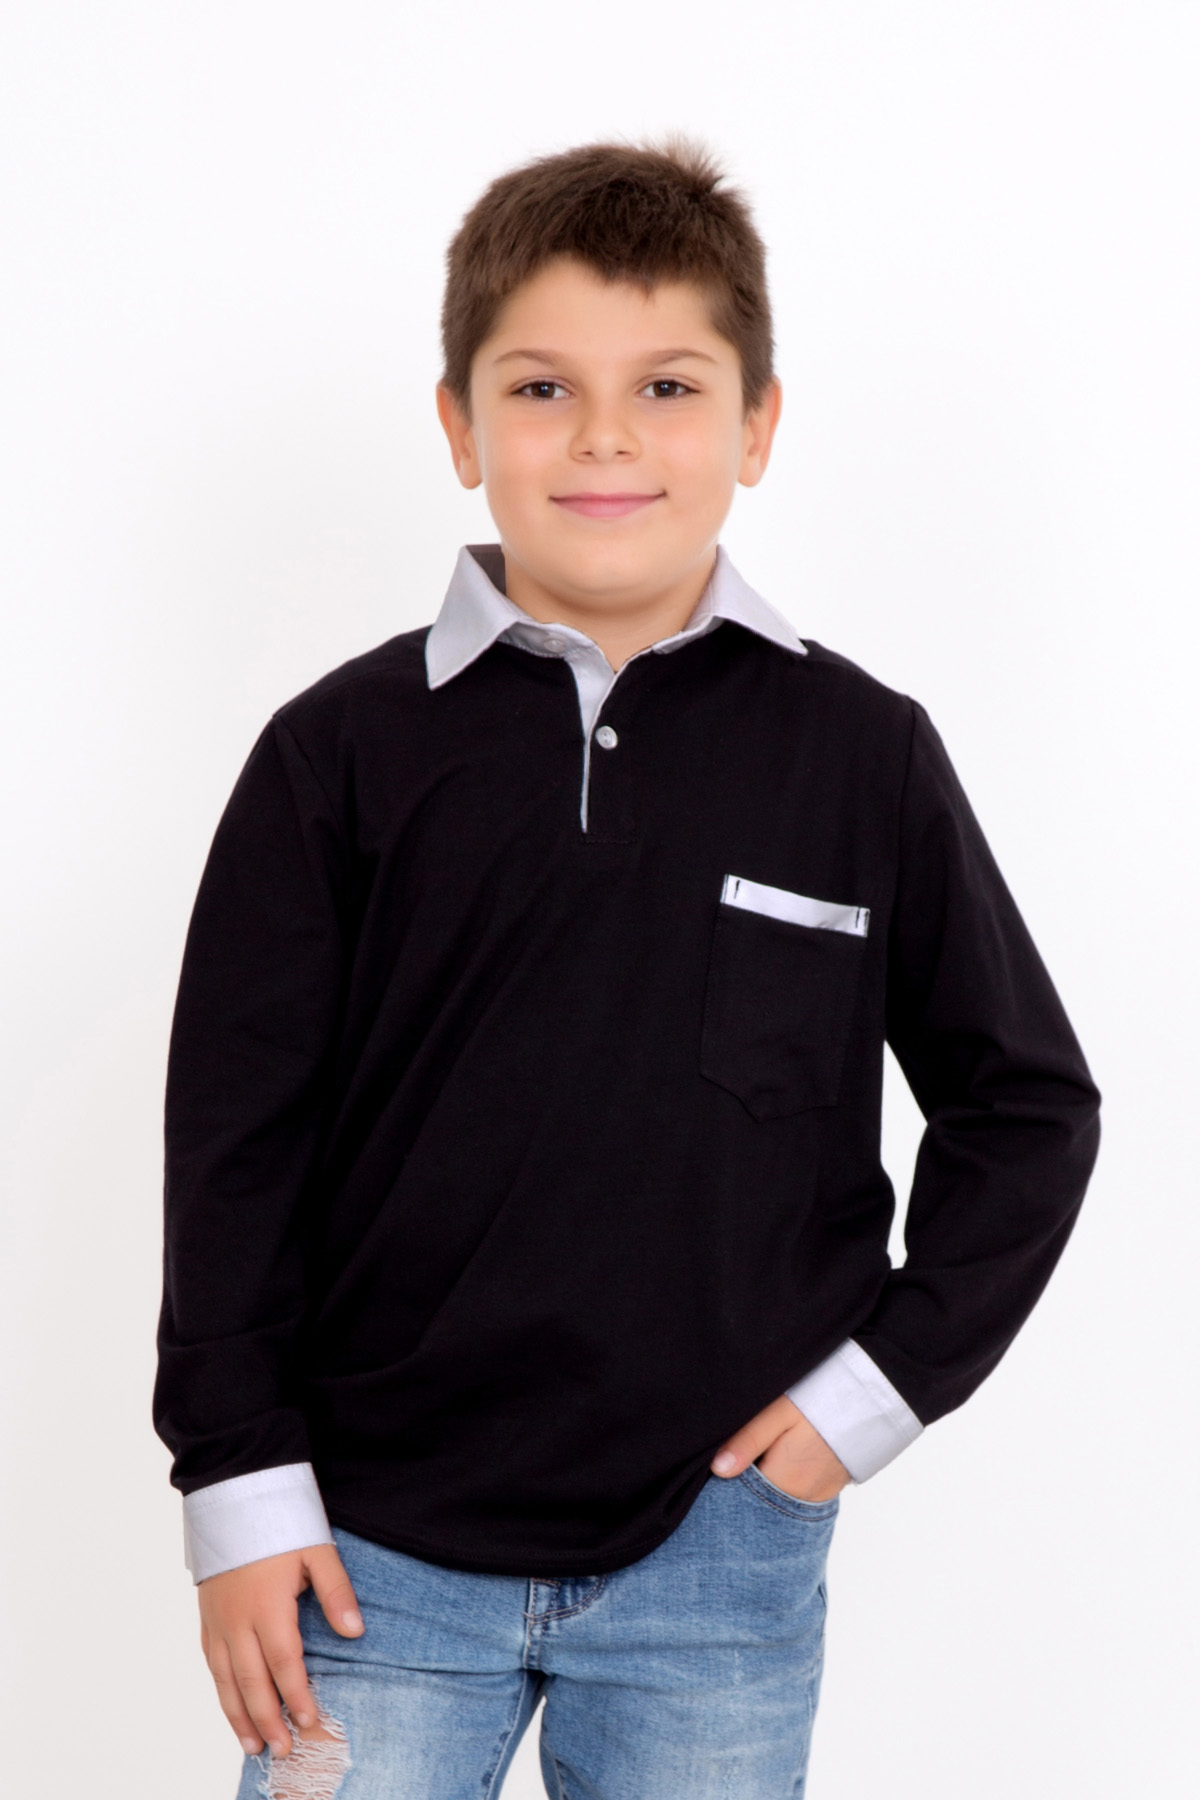 Дет. джемпер арт. 18-0135 Черный р. 38Толстовки, джемпера и рубашки<br><br><br>Тип: Дет. джемпер<br>Размер: 38<br>Материал: Фулайкра